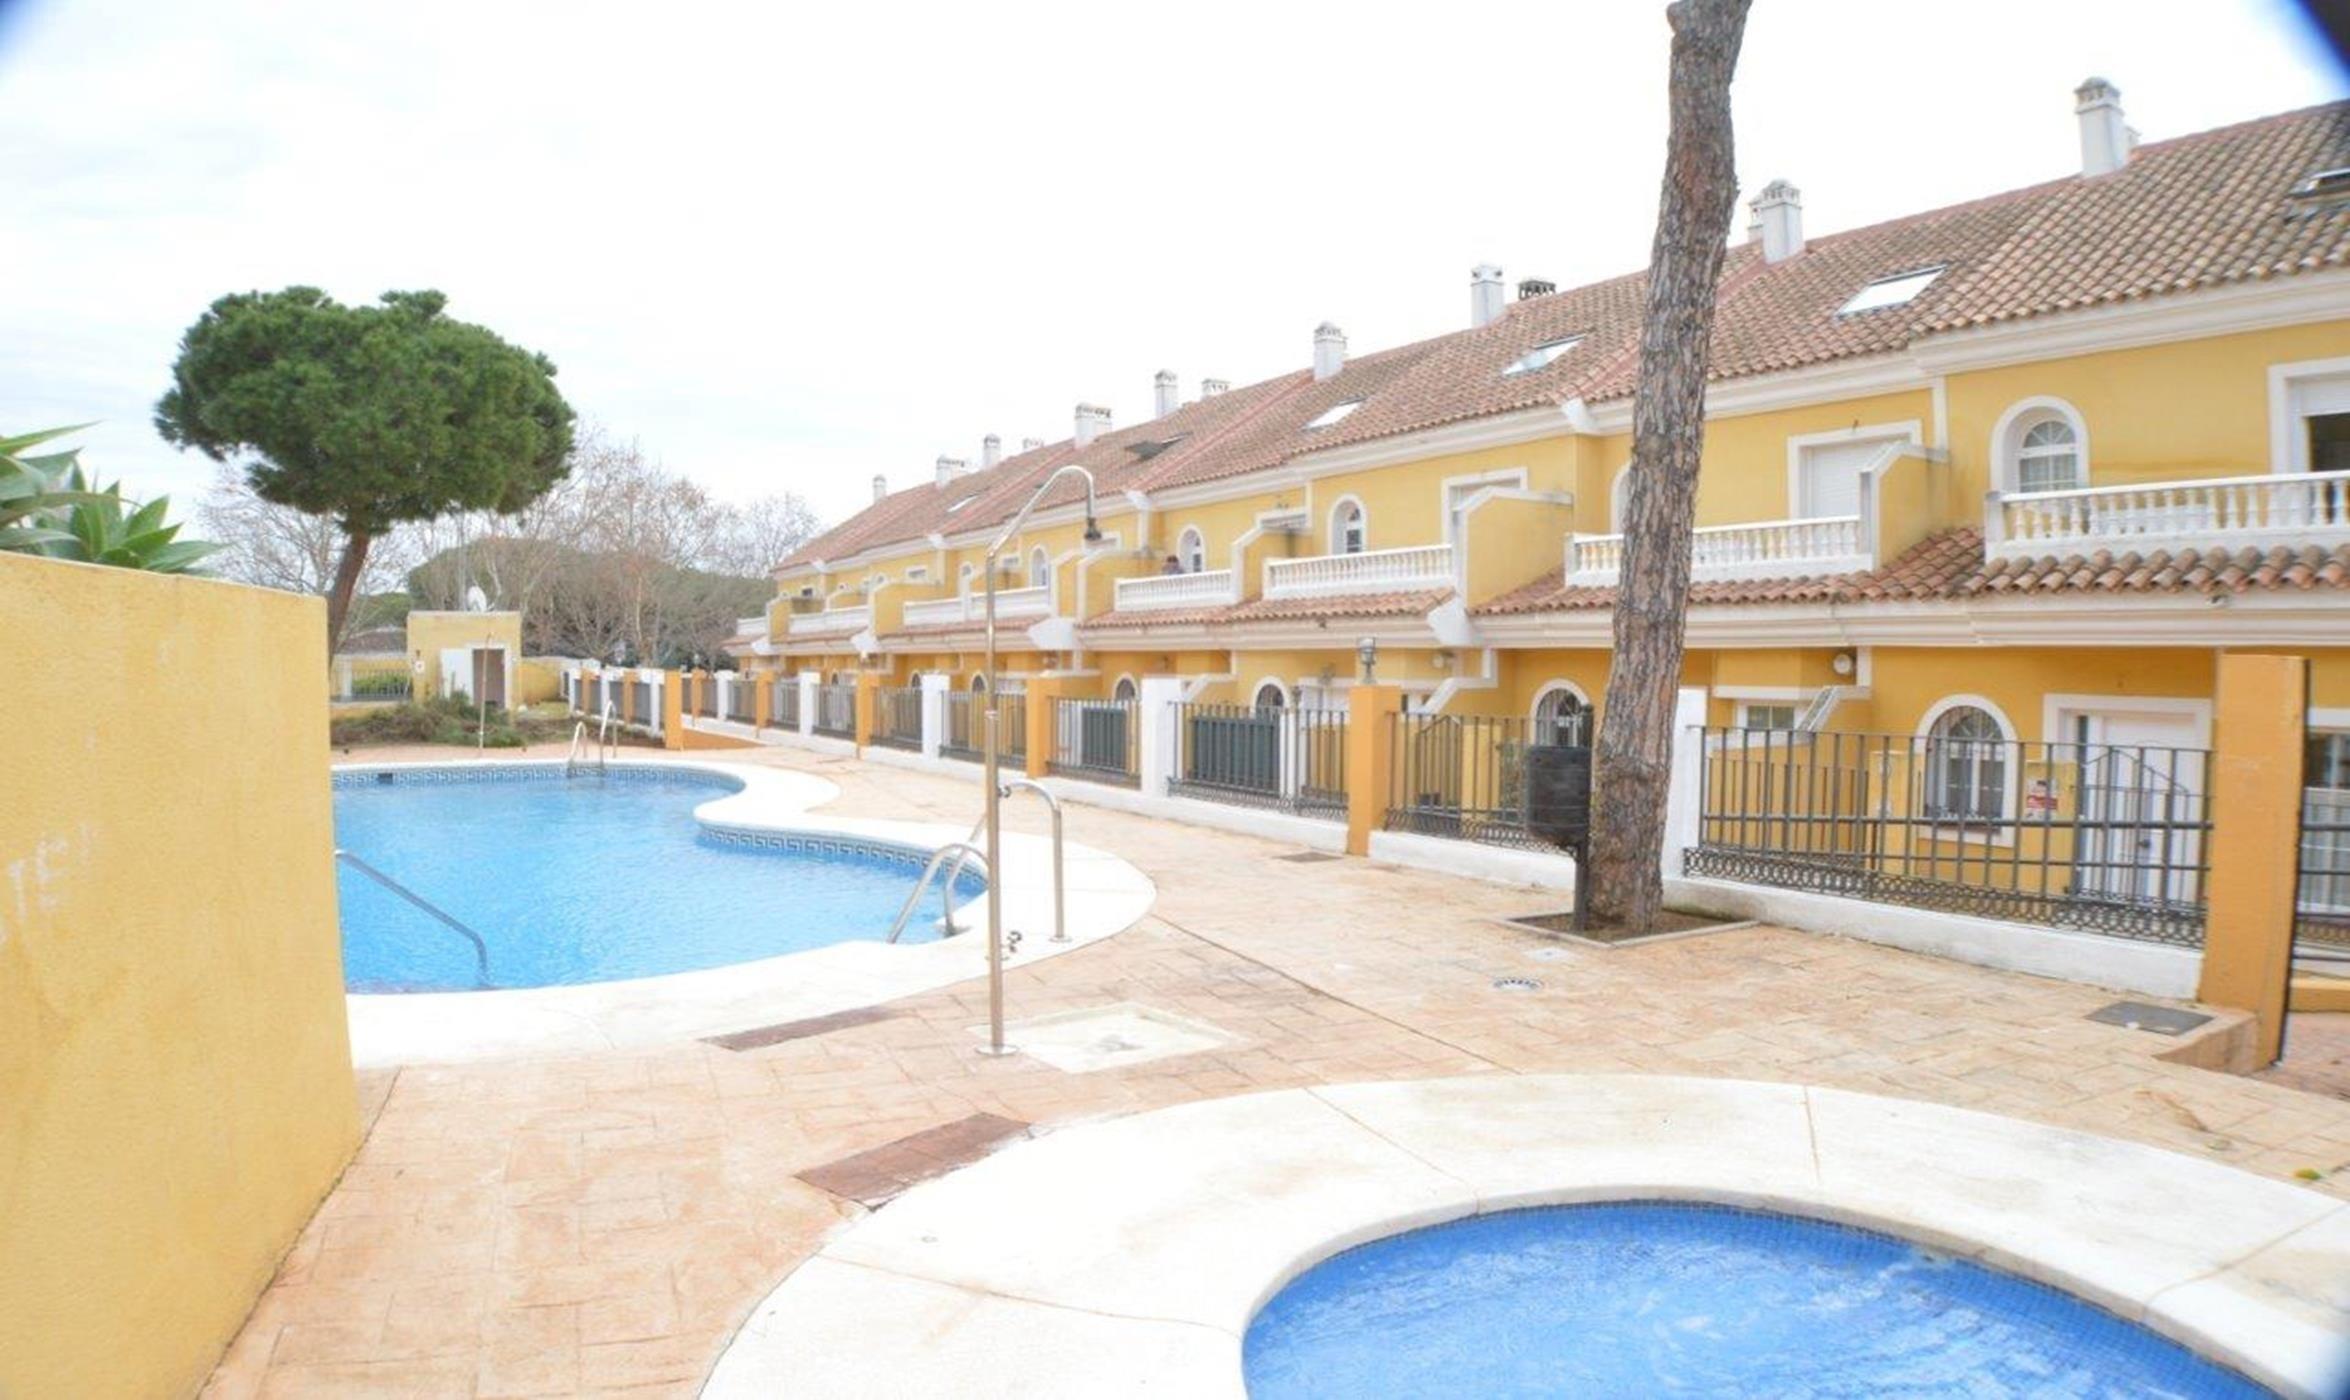 Exclusiva y amplia Casa adosada en Calahonda